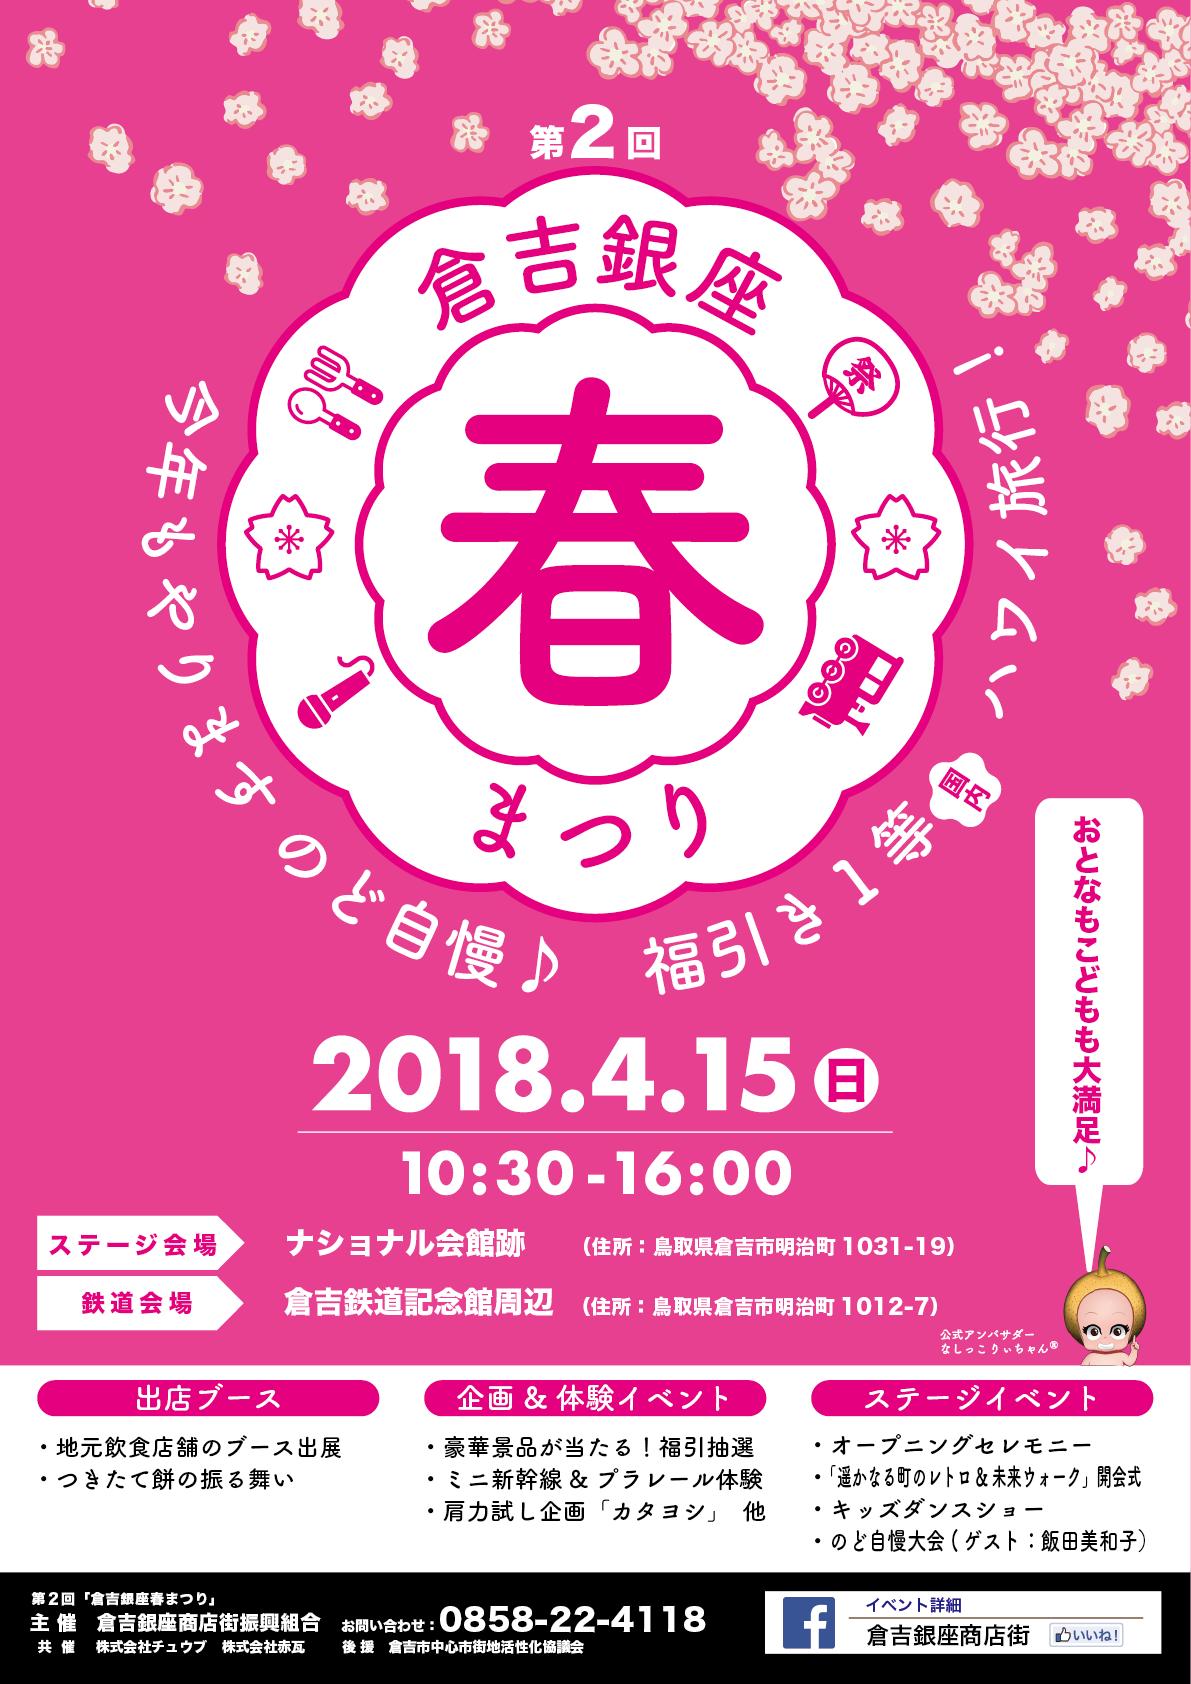 2018.4銀座春祭りフライヤー&ポスター